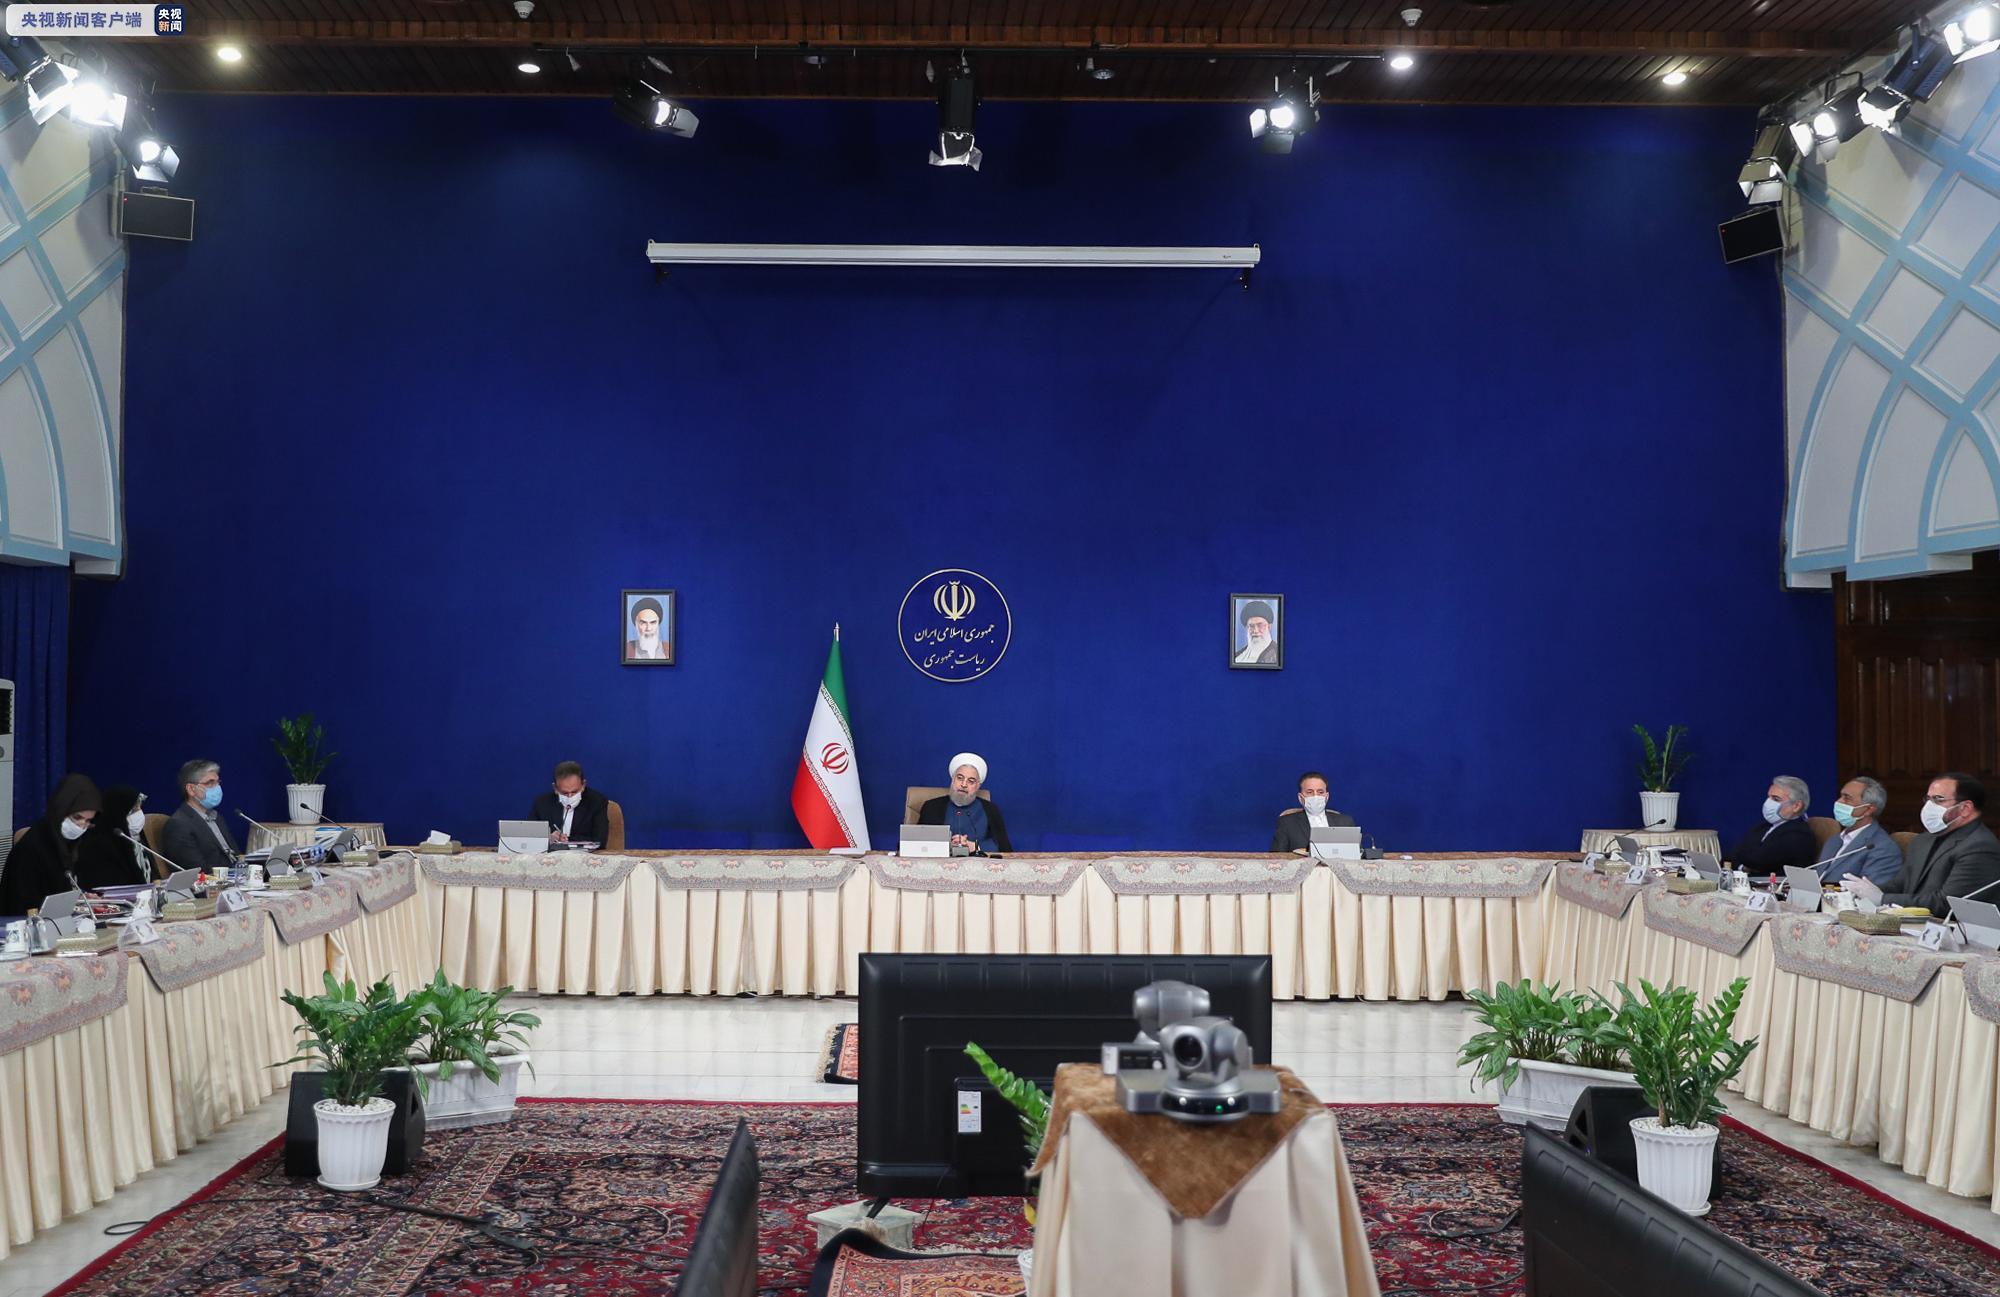 【星尘传说sf】_伊朗总统:美国若采取任何行动 将面临伊朗决定性回应